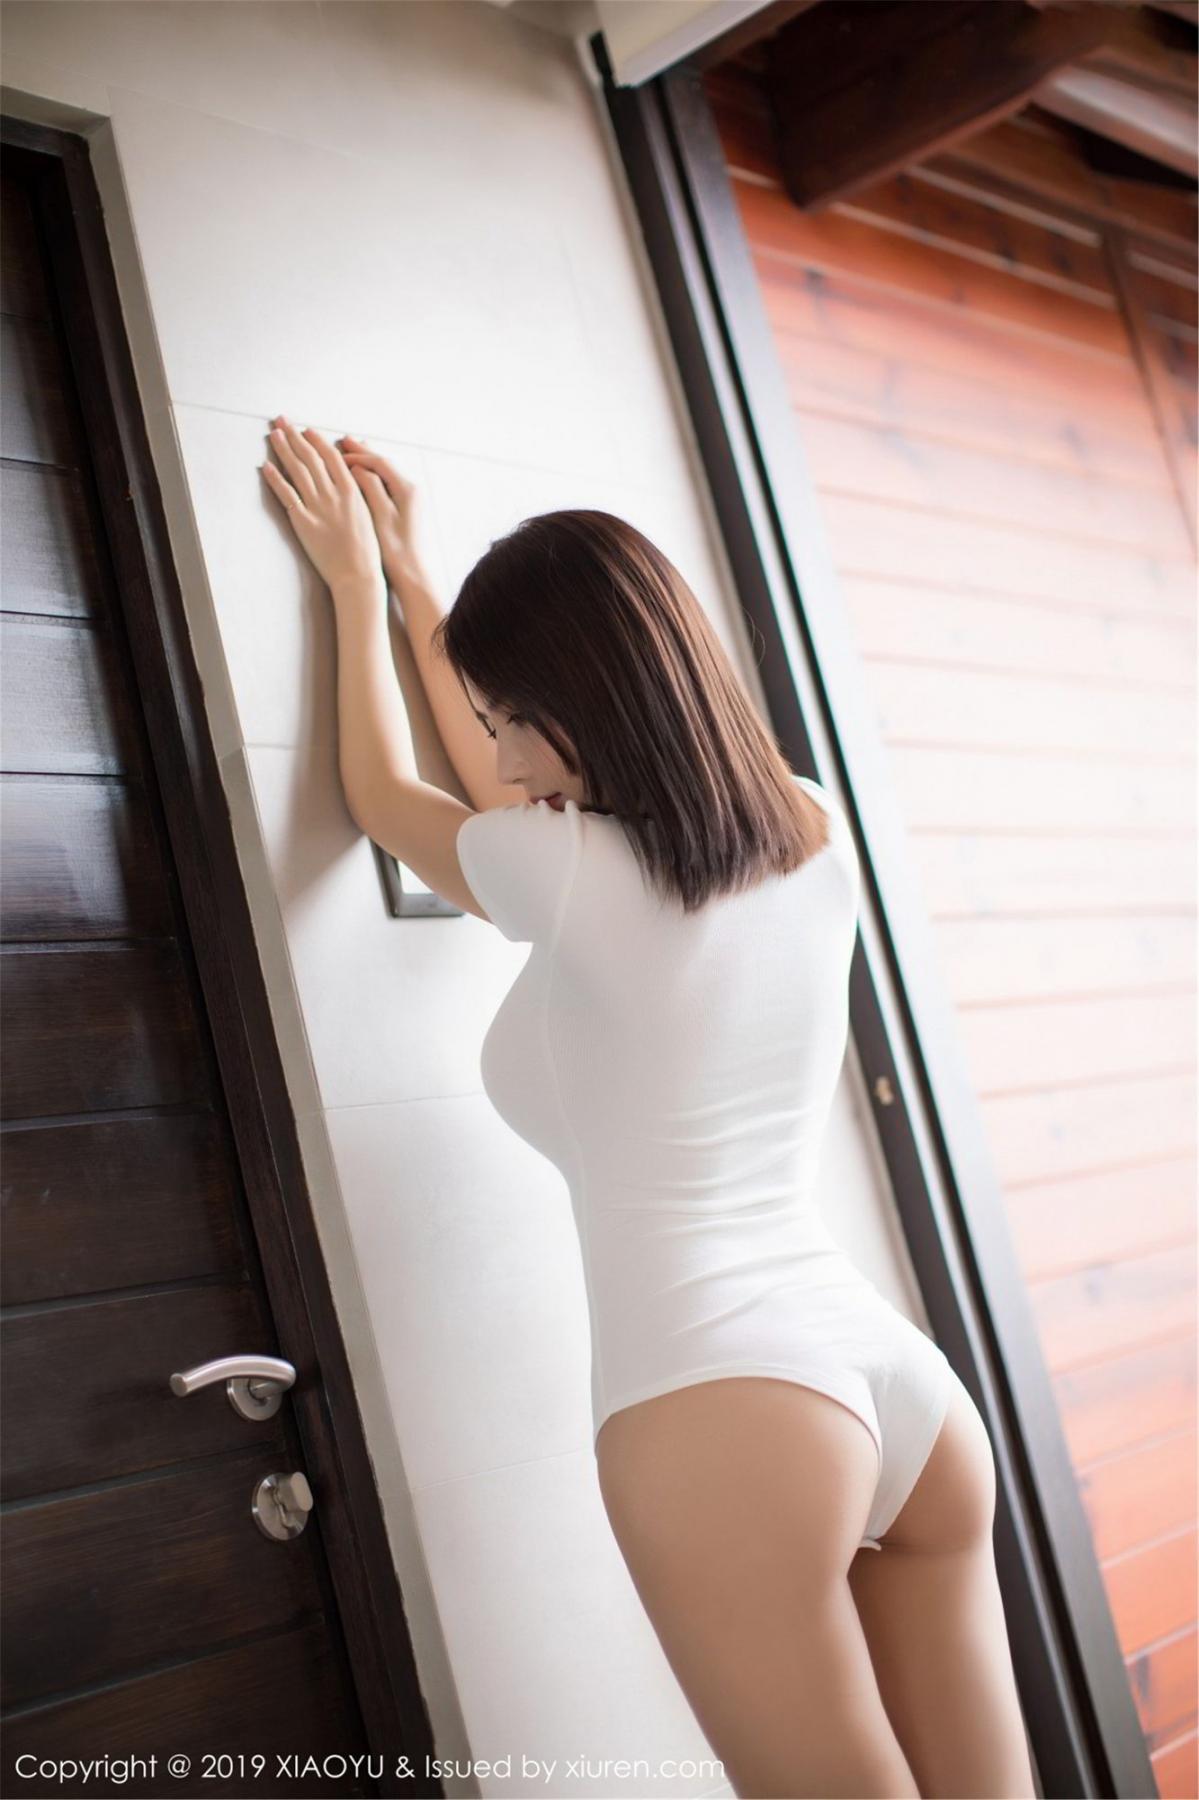 [XiaoYu] Vol.060 Xiao Mo Lin 10P, Bathroom, Lin Lin Ailin, Wet, XiaoYu